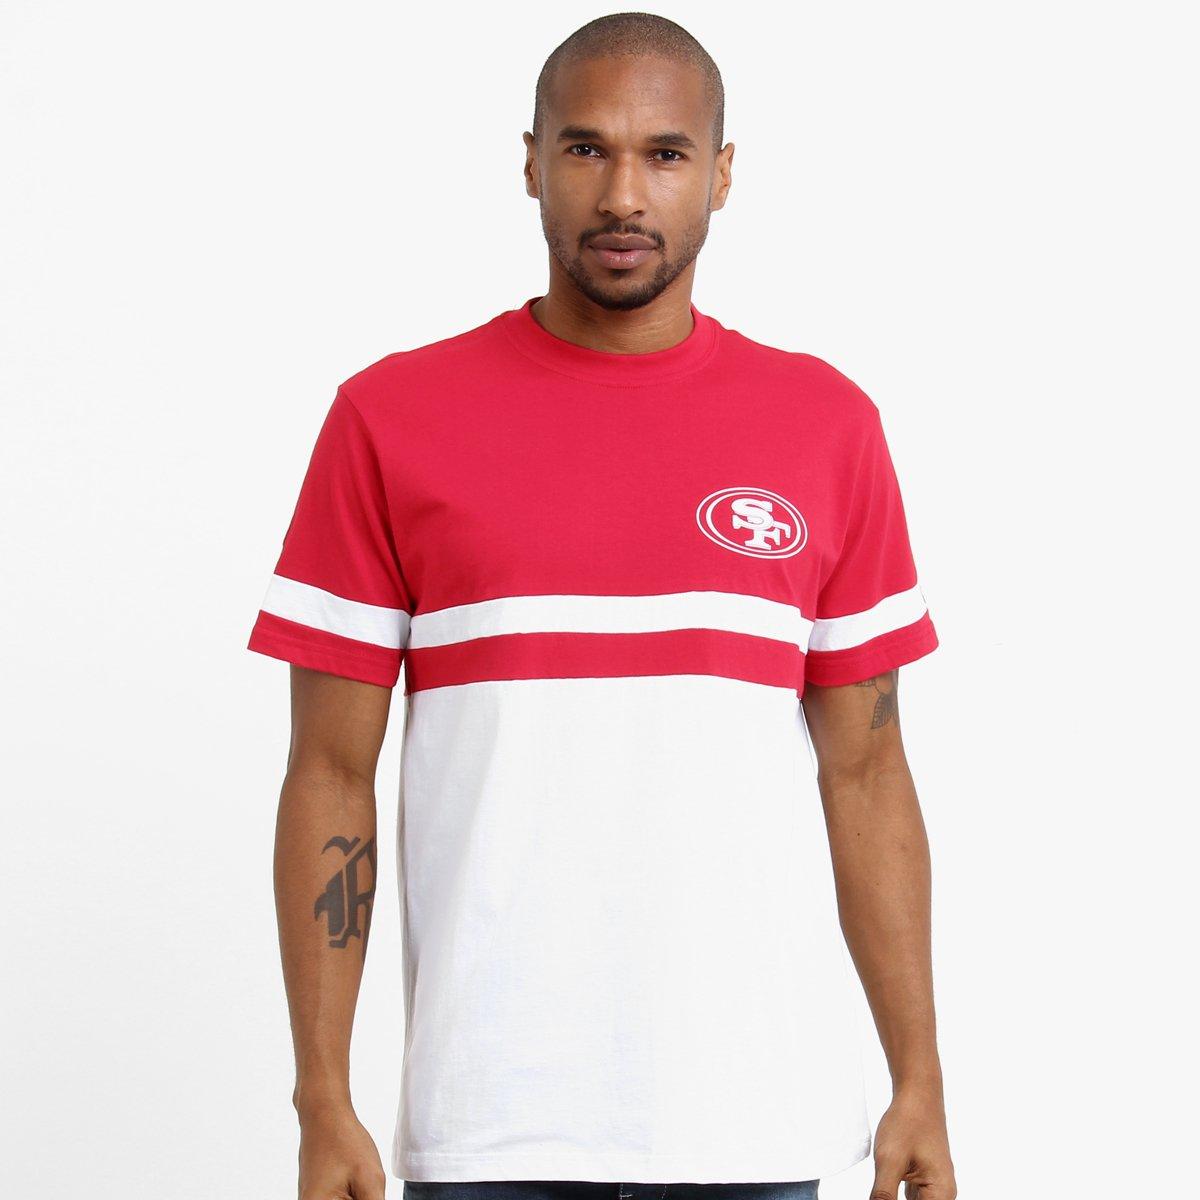 bf8066d3139b5 Camiseta New Era NFL San Francisco 49ers - Compre Agora